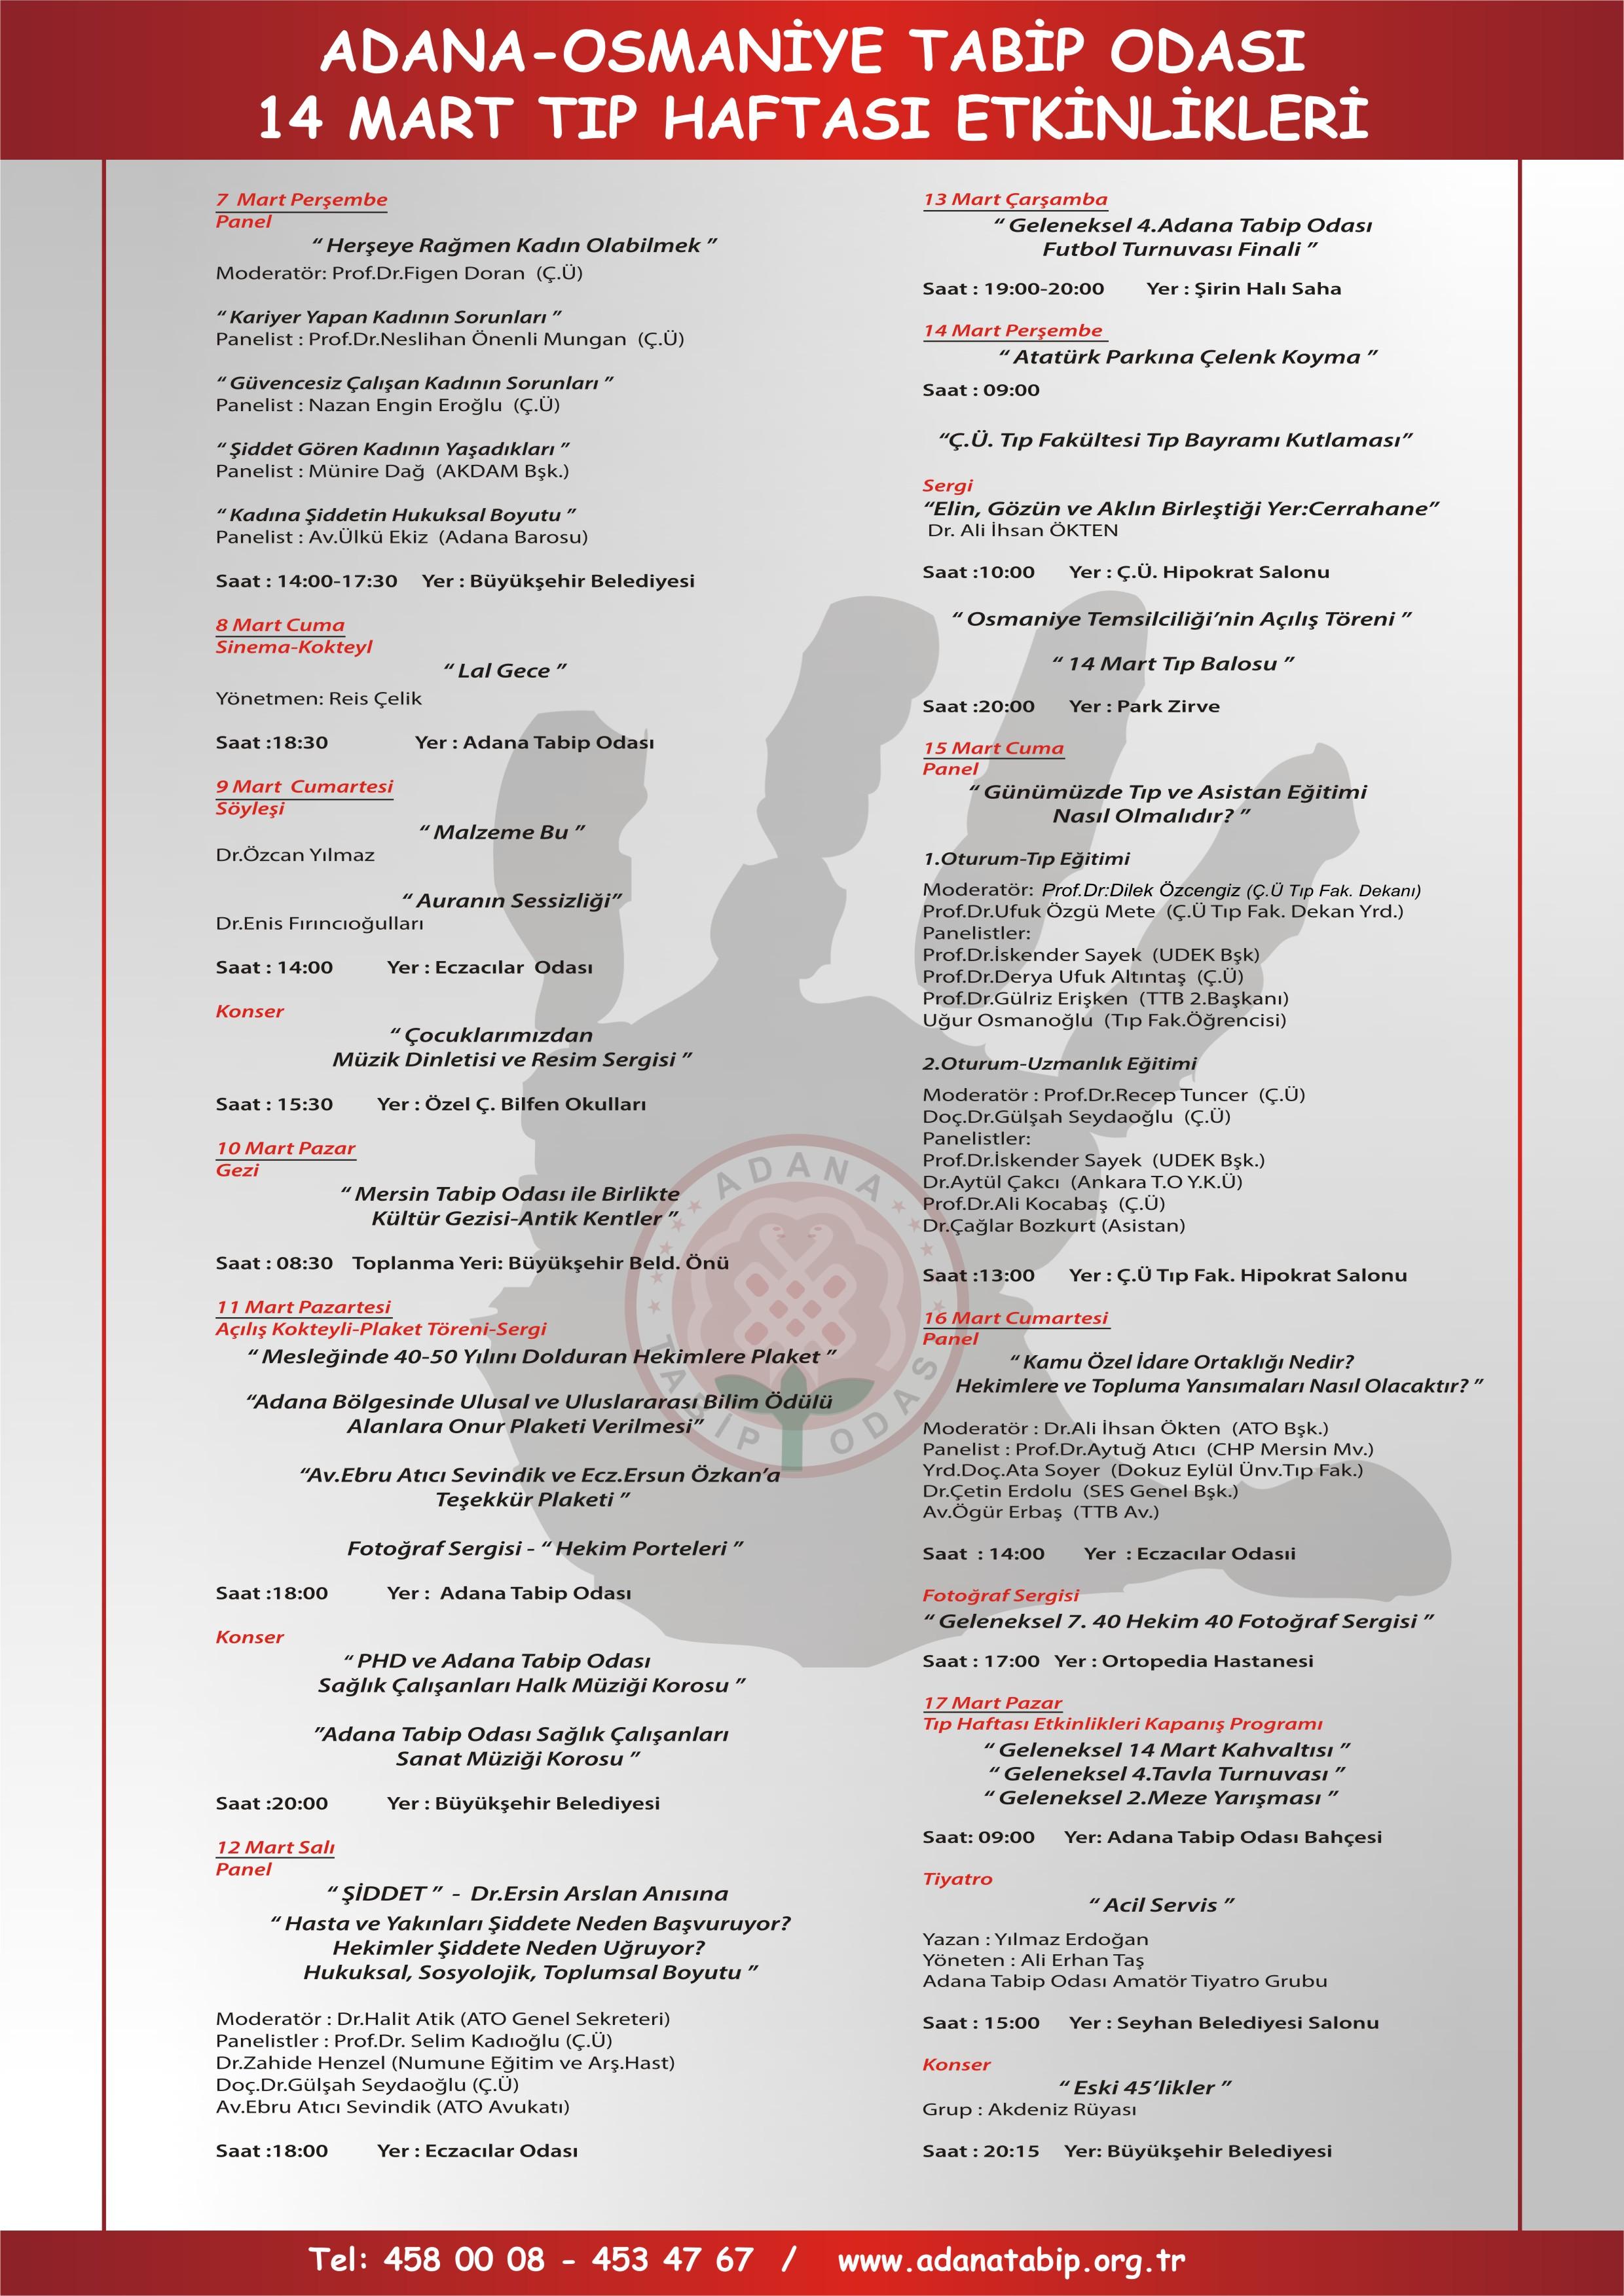 14 MART TIP HAFTASI ETNİKLİKLERİ 7 MART PERŞEMBE GÜNÜ BAŞLIYOR.